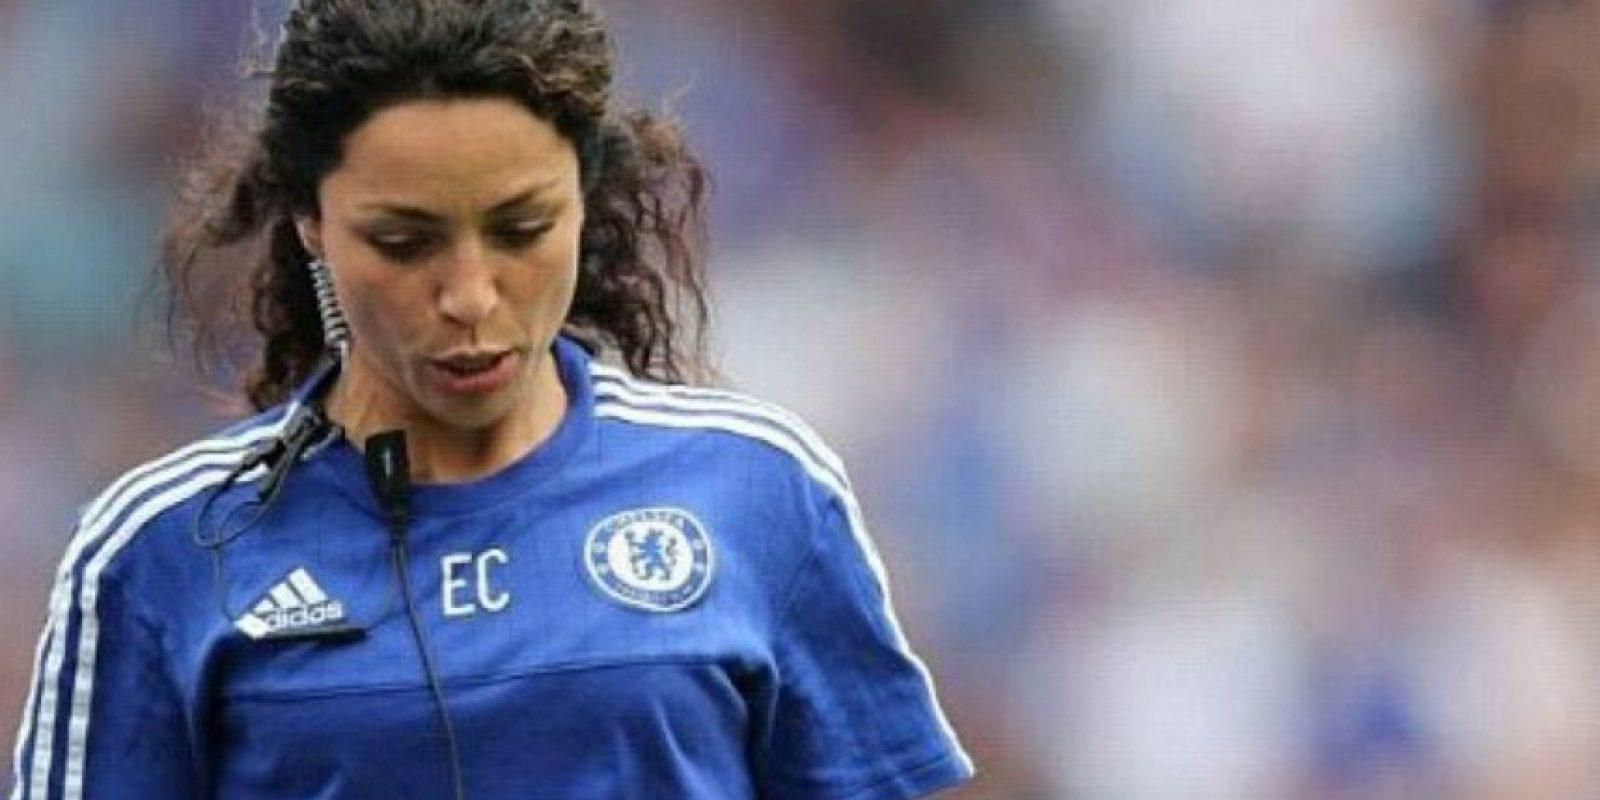 Forma parte de las filas del Chelsea desde 2009 Foto:Getty Images